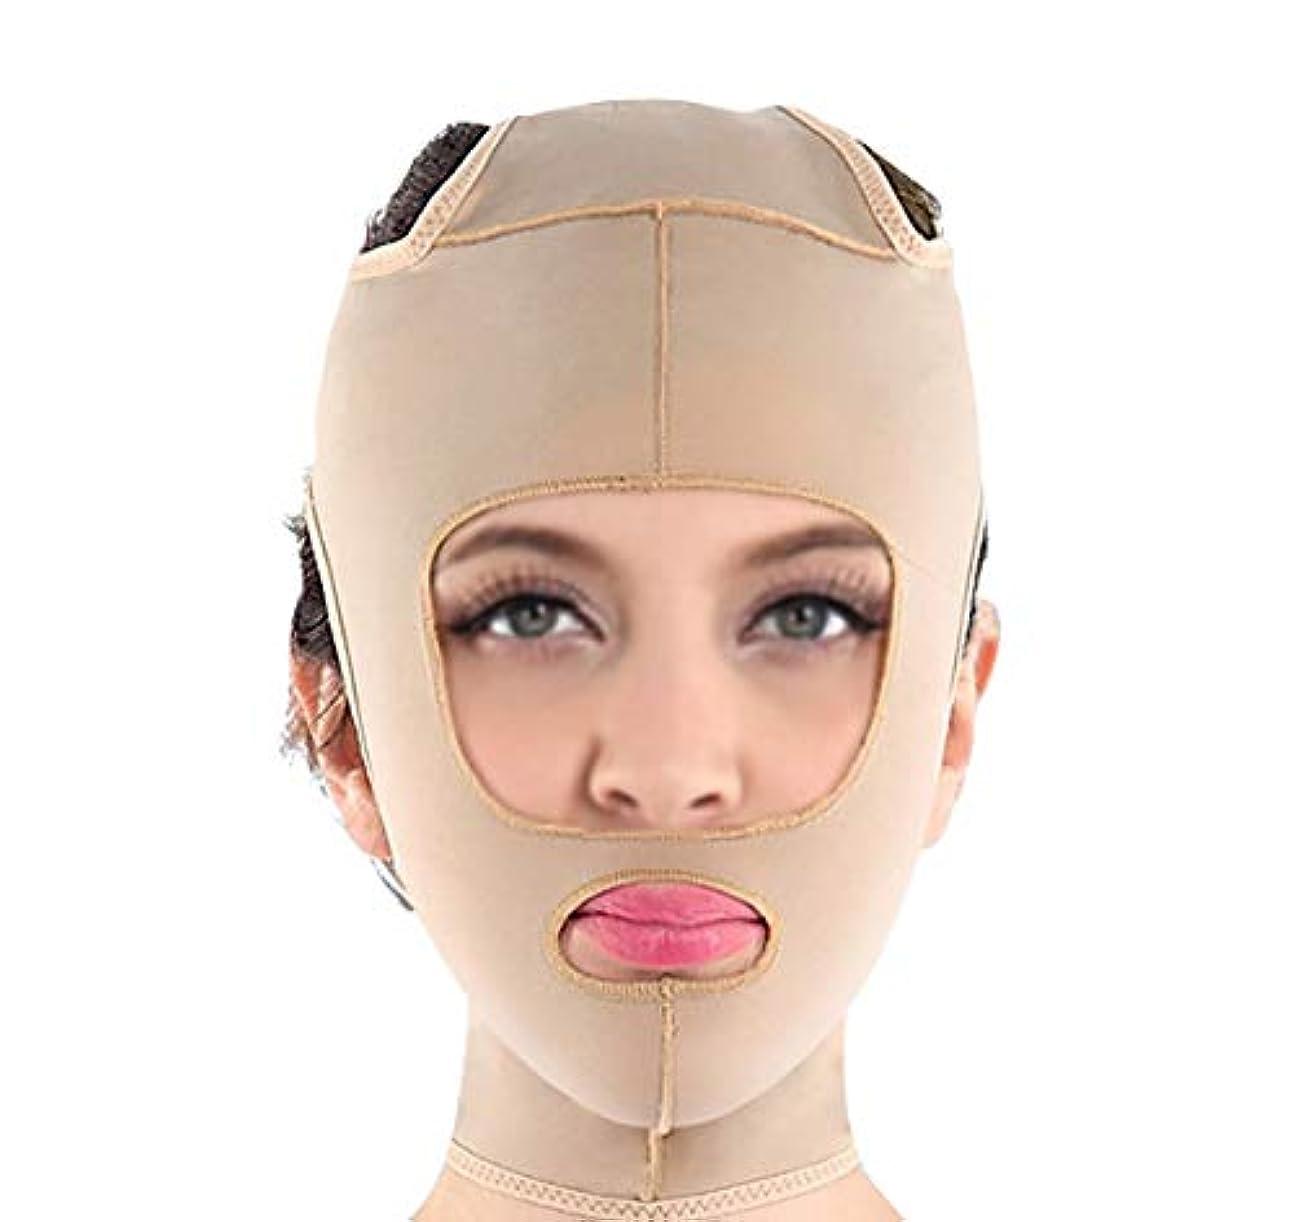 キャリア過剰安定した肌をしっかりと保ち、顔の筋肉の垂れ下がりや顔の美しい輪郭の形成を防ぐフェイスリフティングマスク (Size : XL)